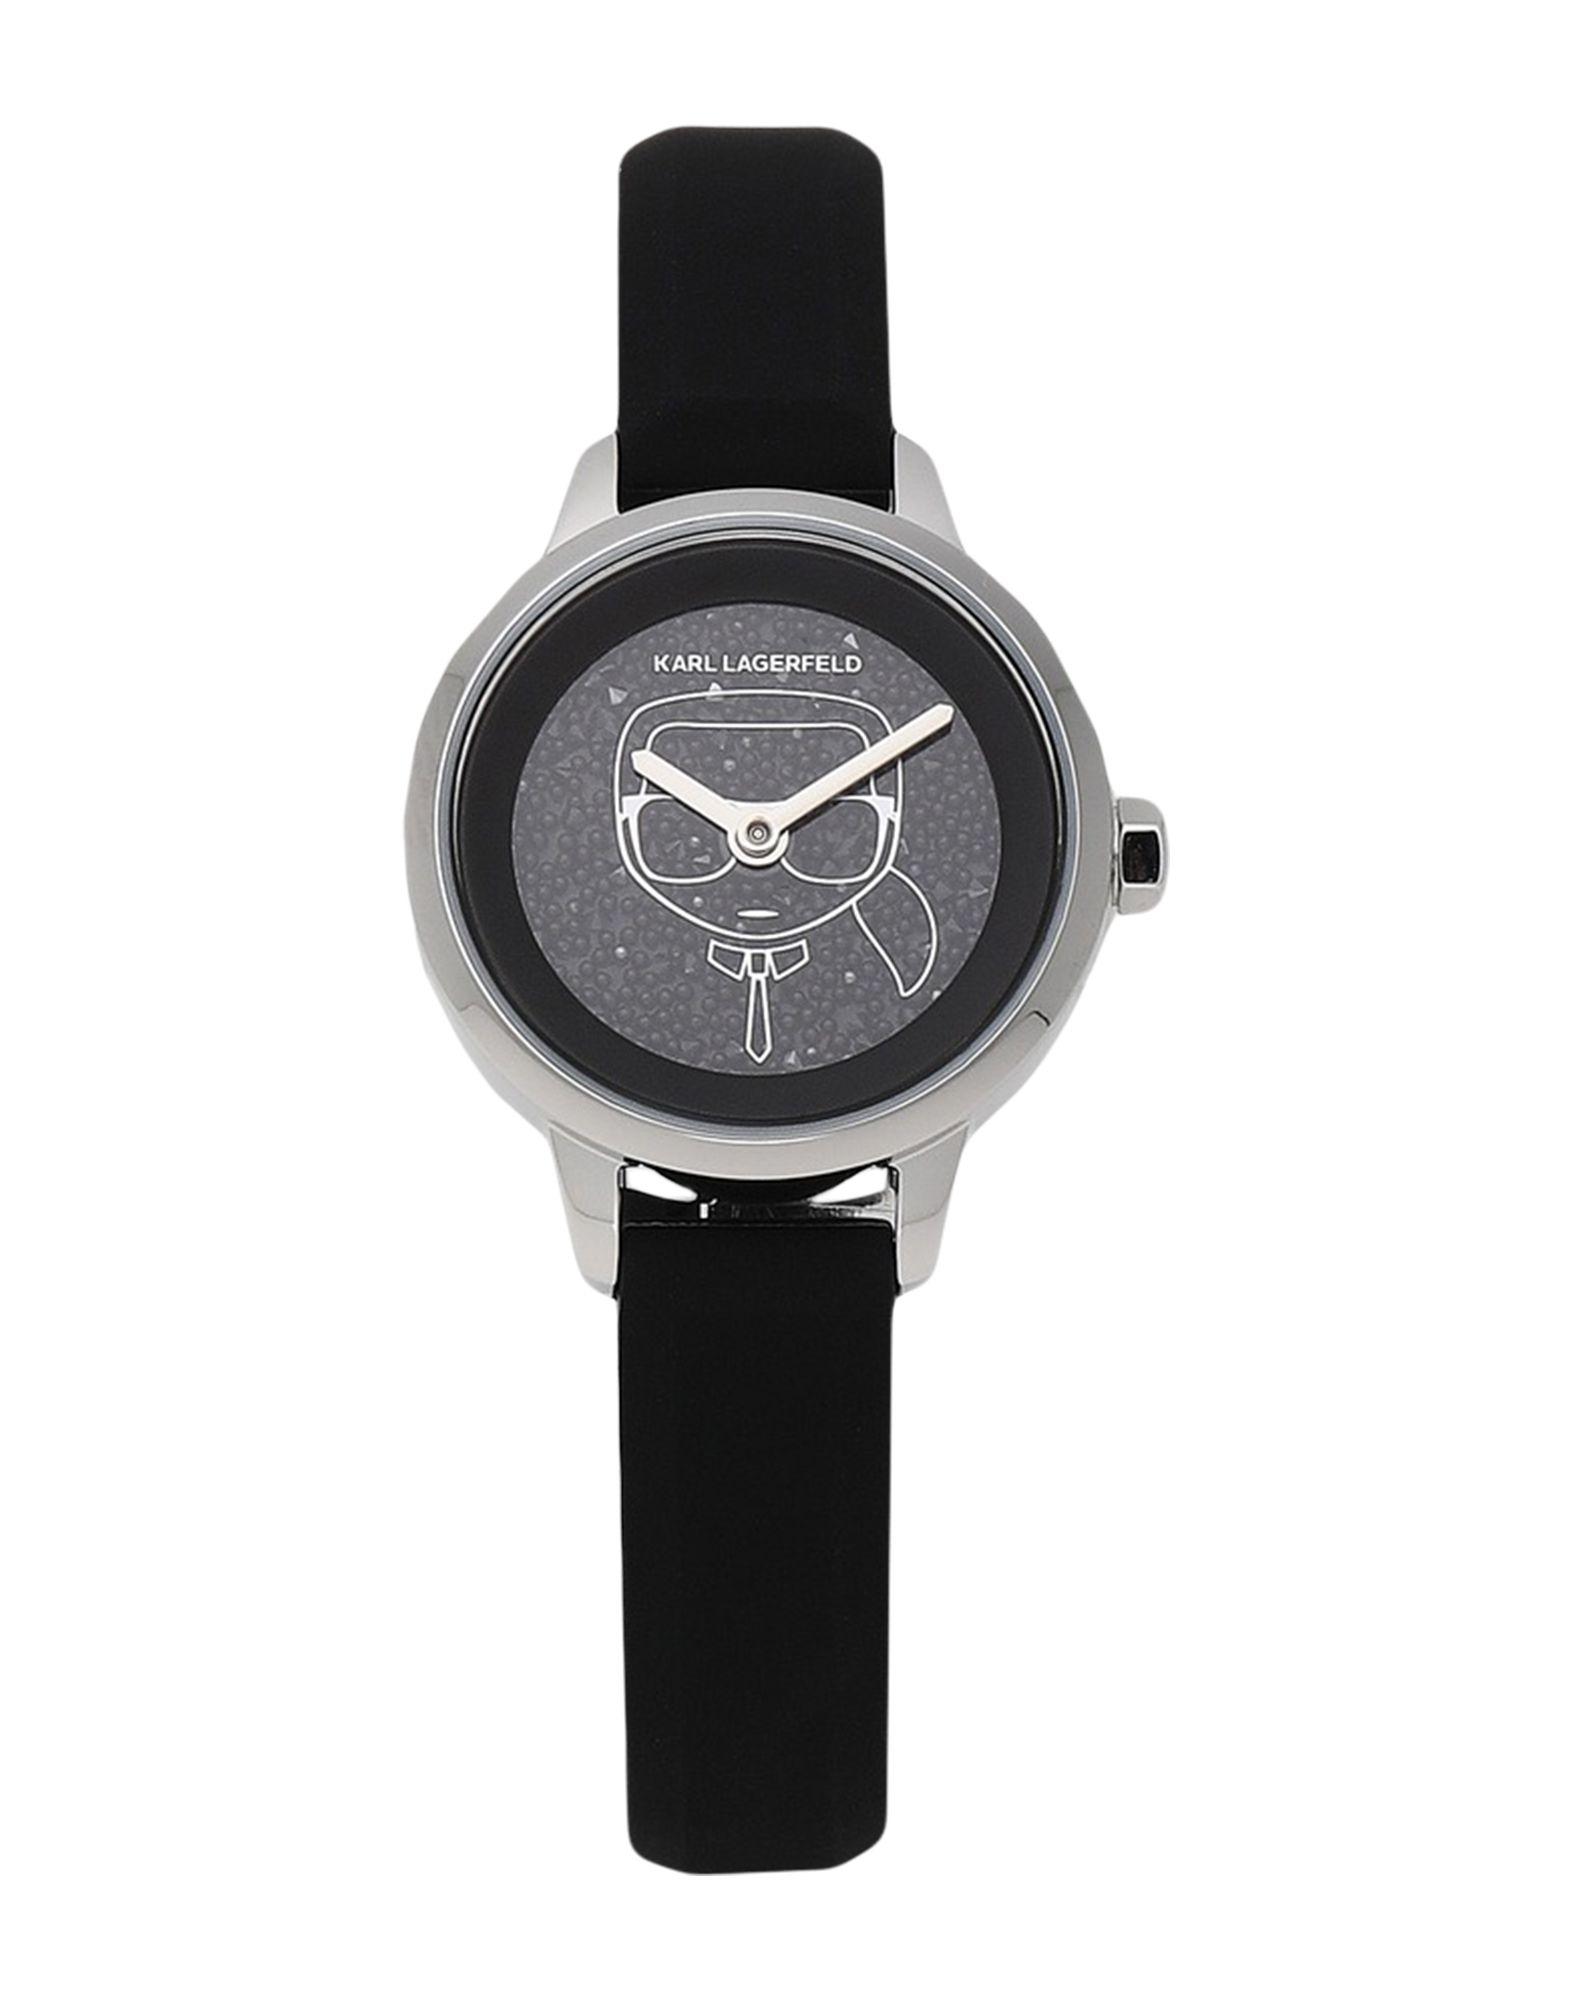 《セール開催中》KARL LAGERFELD レディース 腕時計 ブラック ステンレススチール / シリコン / スワロフスキー PETITE KARL IKONIK SILICONE STRAP